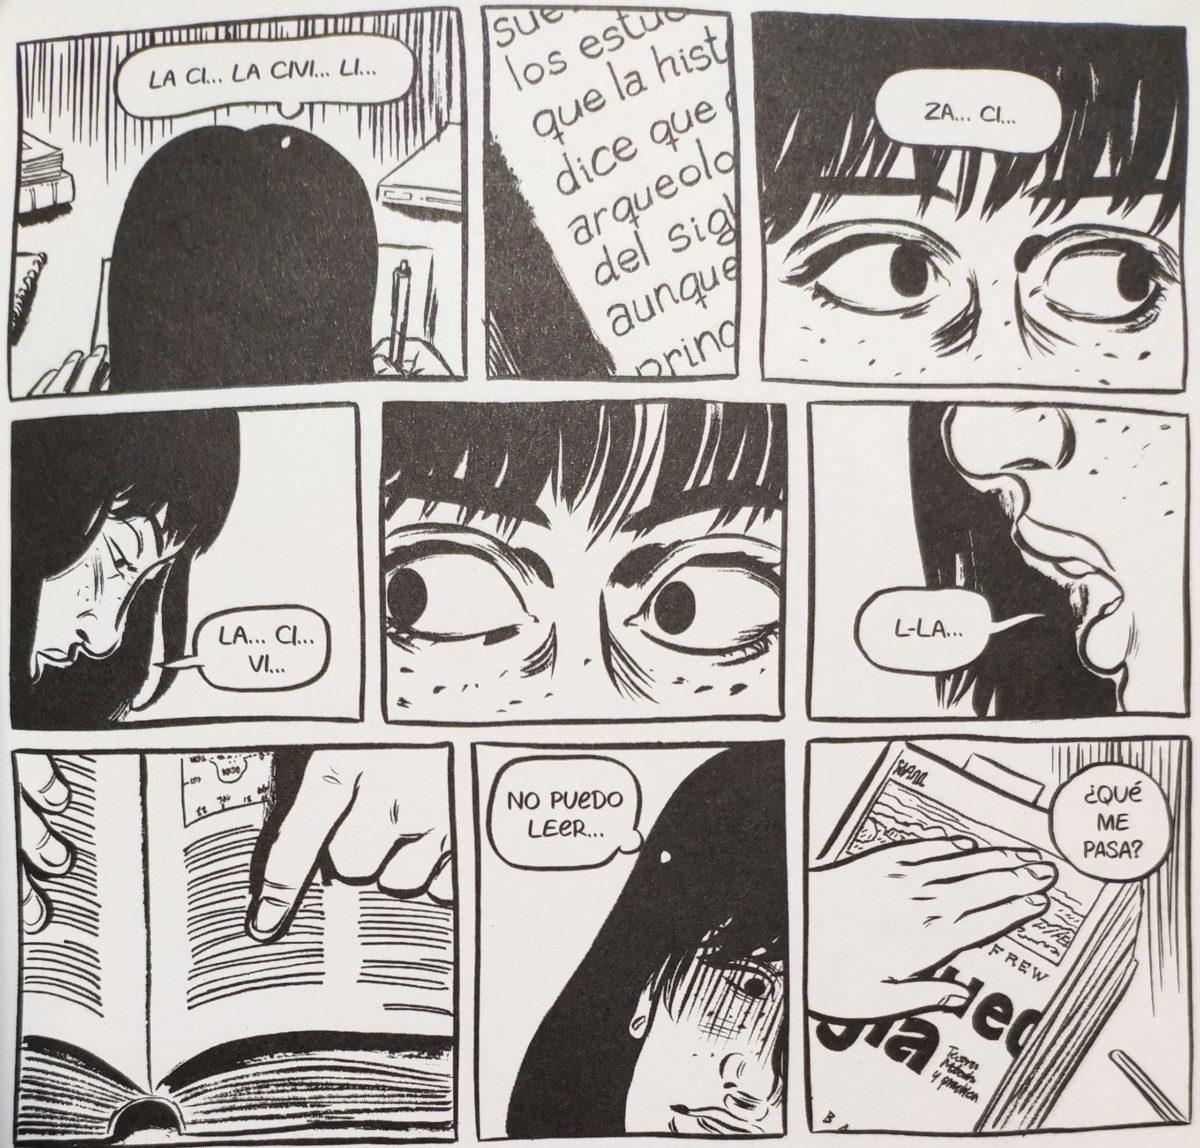 Mio caro fumetto... - Montse e la difficoltà di lettura